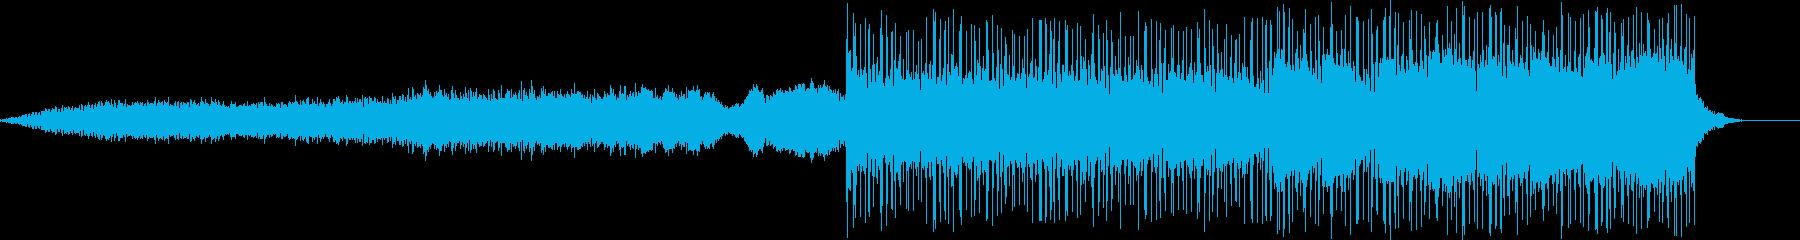 動画 サスペンス 感情的 説明的 ...の再生済みの波形